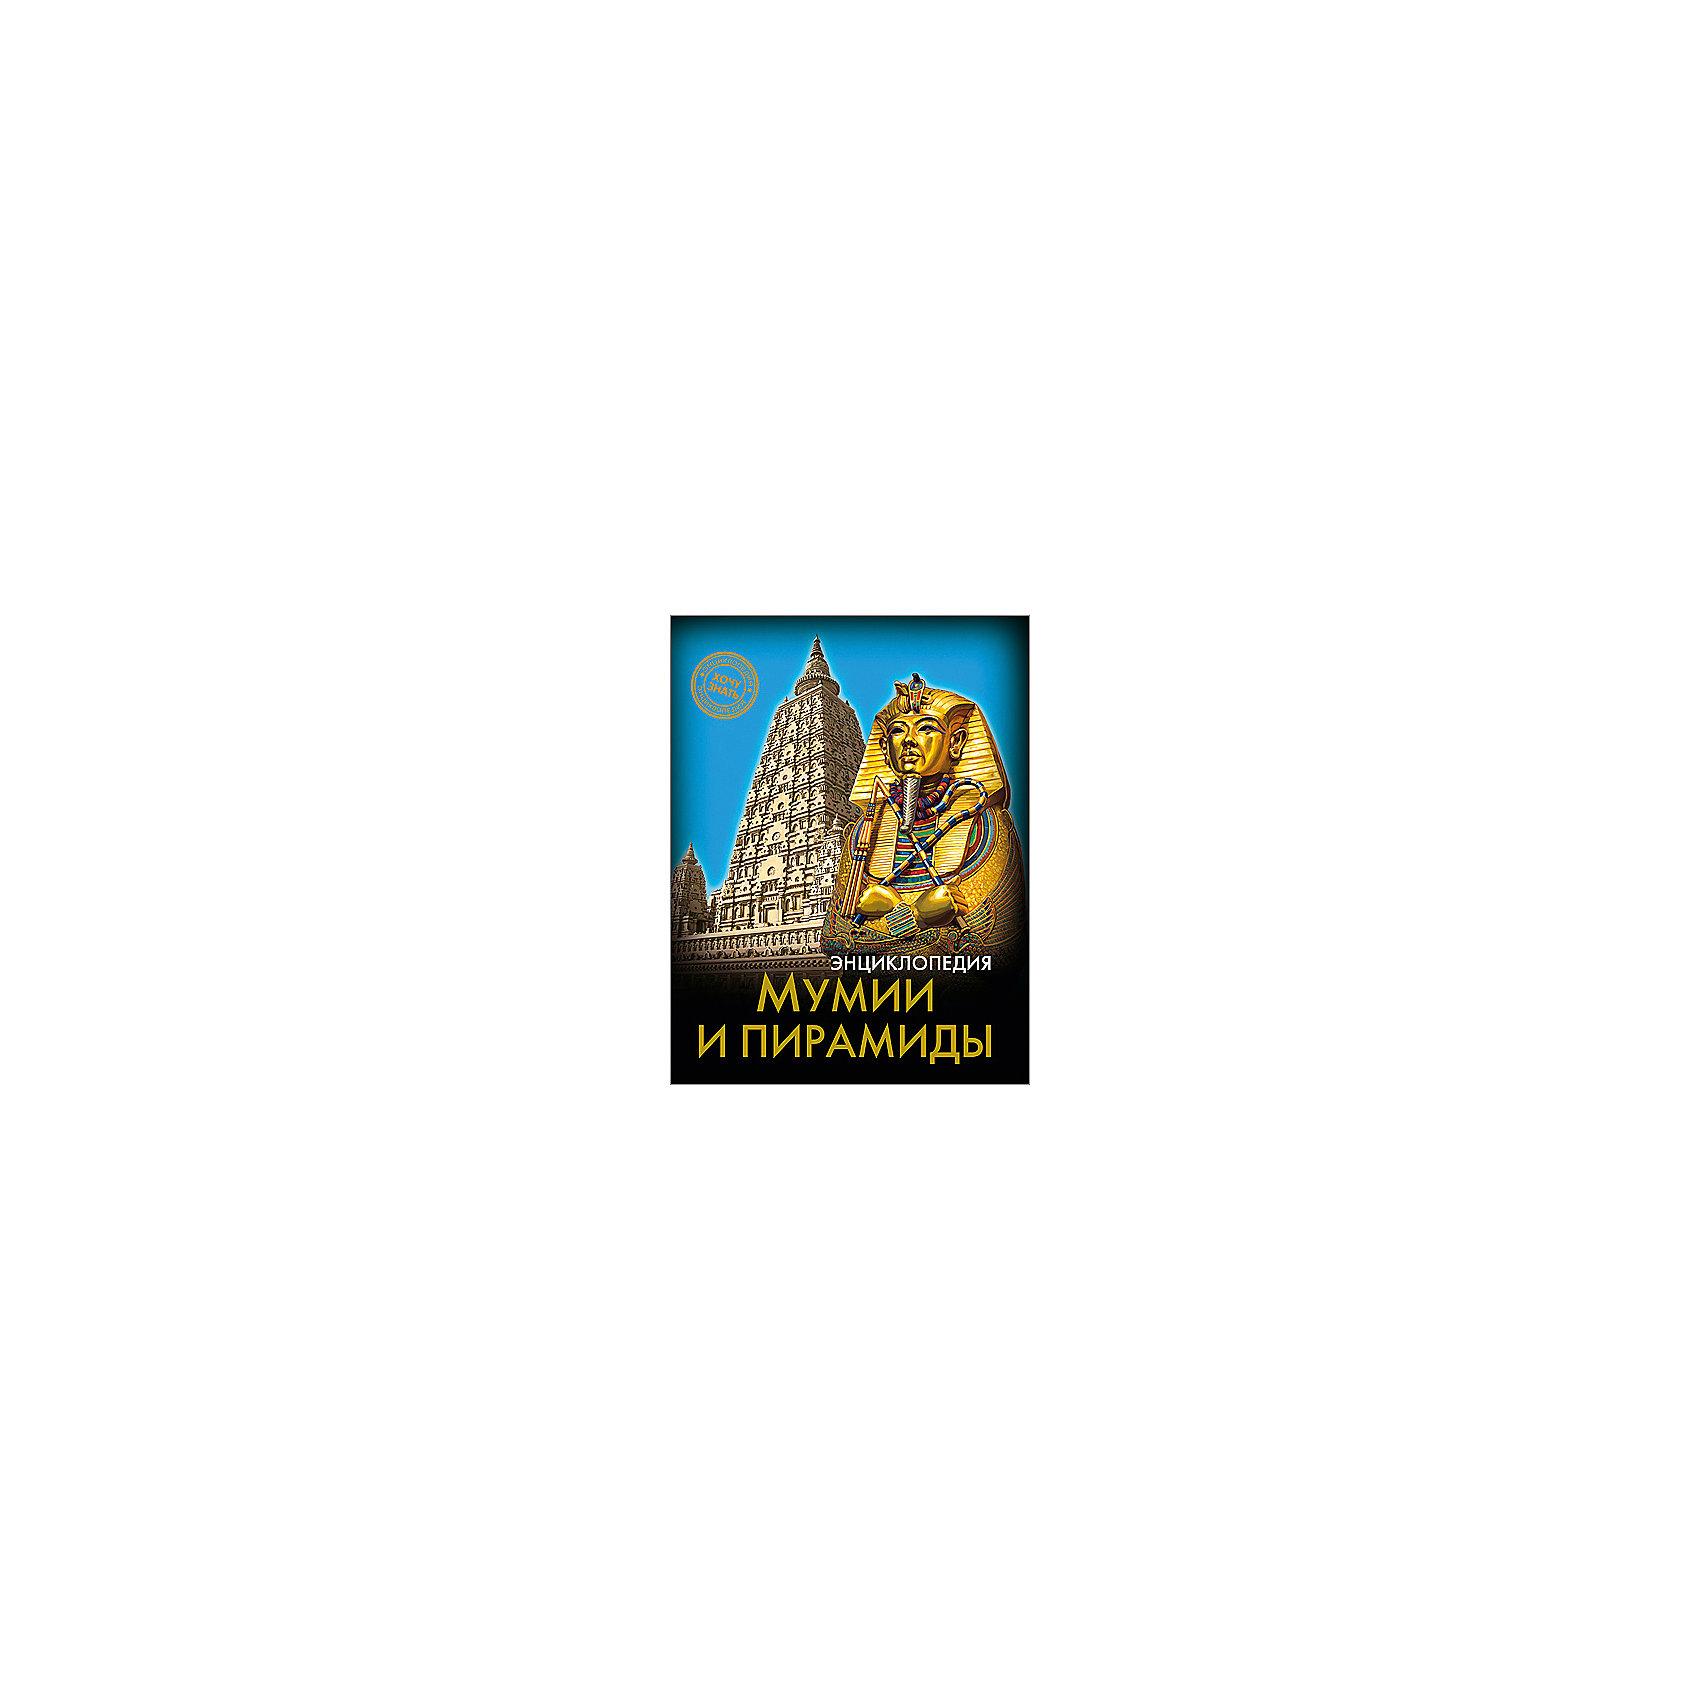 Энциклопедия Мумии и пирамидыЭта энциклопедия позволит вашему ребенку раскрыть тайны пирамид и мумий! В этом издании вы найдете множество интересных и увлекательных тем и фактов, изложенных простым, понятным для детей языком, дополненных яркими иллюстрациями. Энциклопедия в твердой красочной обложке станет прекрасным подарком на любой праздник и обязательно заинтересует ребенка, поможет расширить кругозор и увеличить словарный запас. <br><br>Дополнительная информация:<br><br>- Автор: Розумчук Андрей.<br>- Формат: 21,6х17 см.<br>- Переплет: твердый, 7БЦ.<br>- Количество страниц: 96.<br>- Иллюстрации: цветные.<br><br>Энциклопедию Мумии и пирамиды можно купить в нашем магазине.<br><br>Ширина мм: 170<br>Глубина мм: 5<br>Высота мм: 215<br>Вес г: 310<br>Возраст от месяцев: 72<br>Возраст до месяцев: 2147483647<br>Пол: Унисекс<br>Возраст: Детский<br>SKU: 4756245